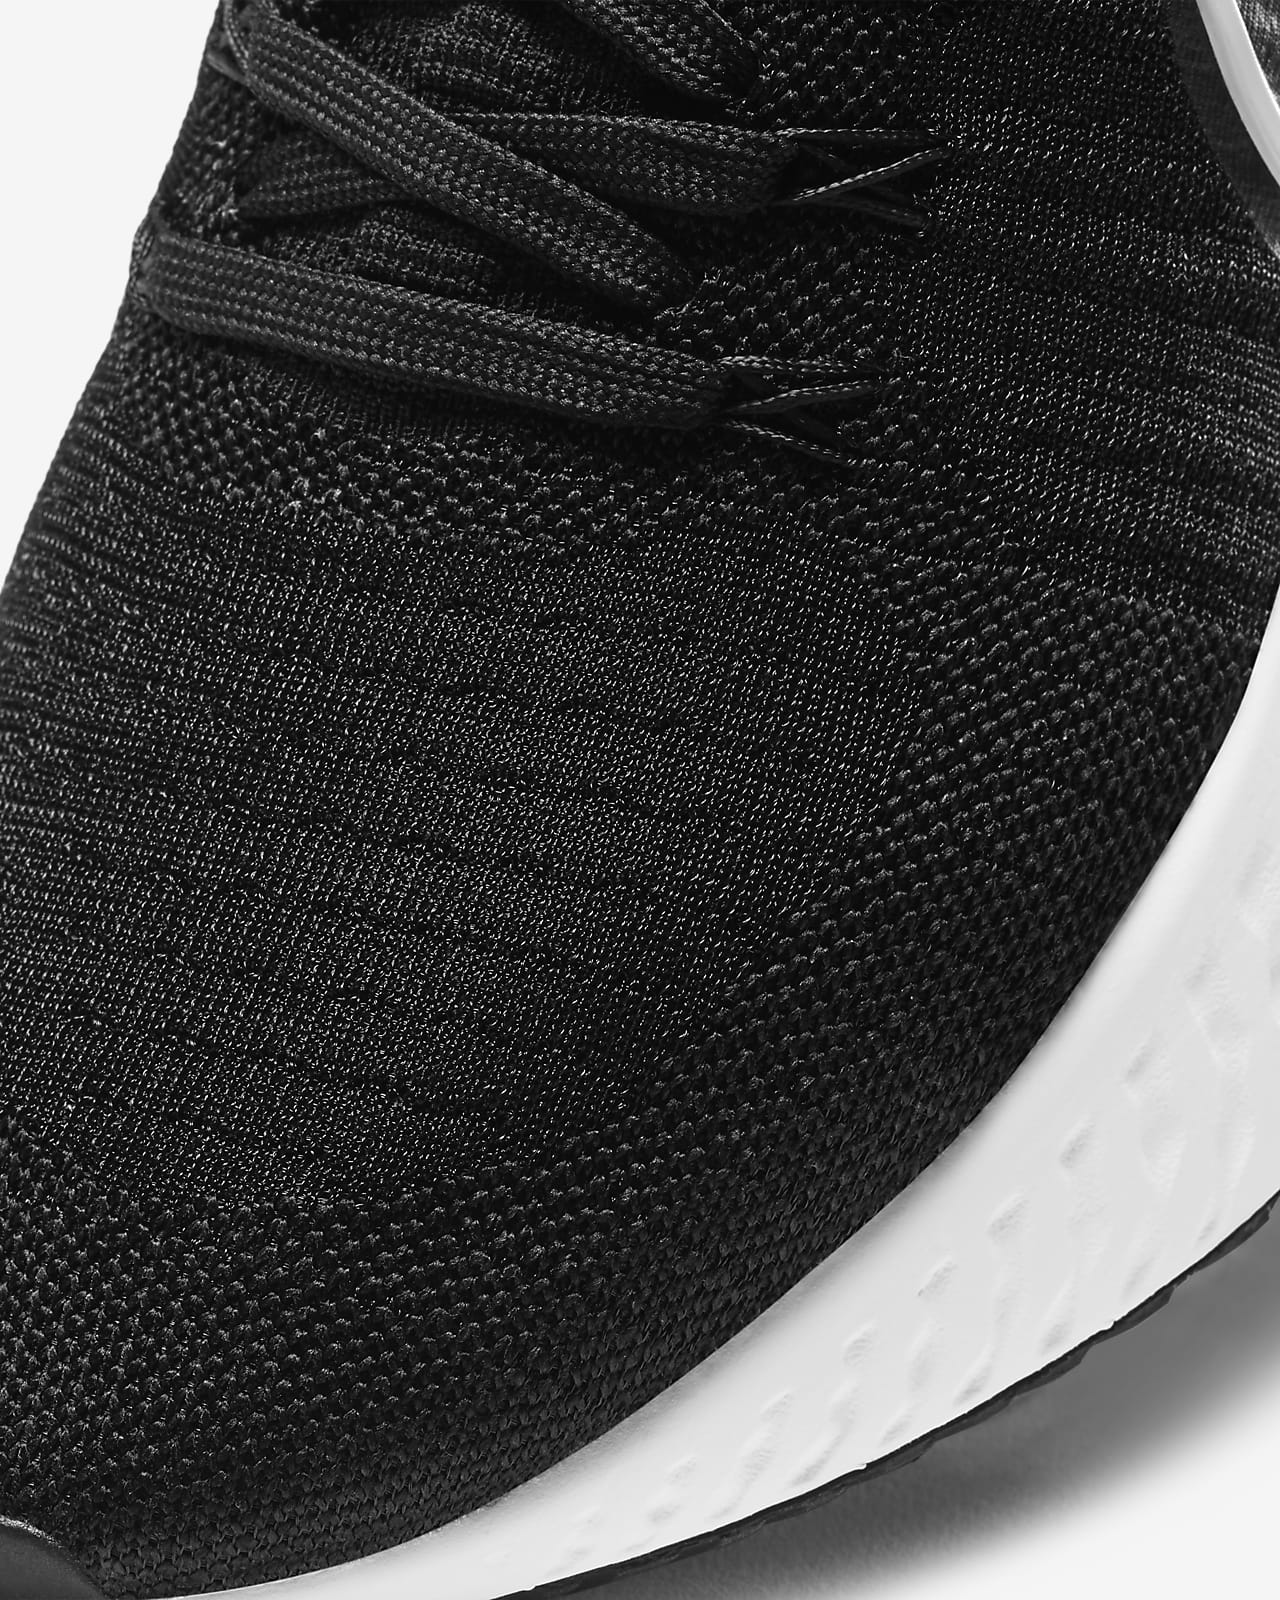 Nike React Infinity Run Flyknit 2 Men's Running Shoes. Nike NO